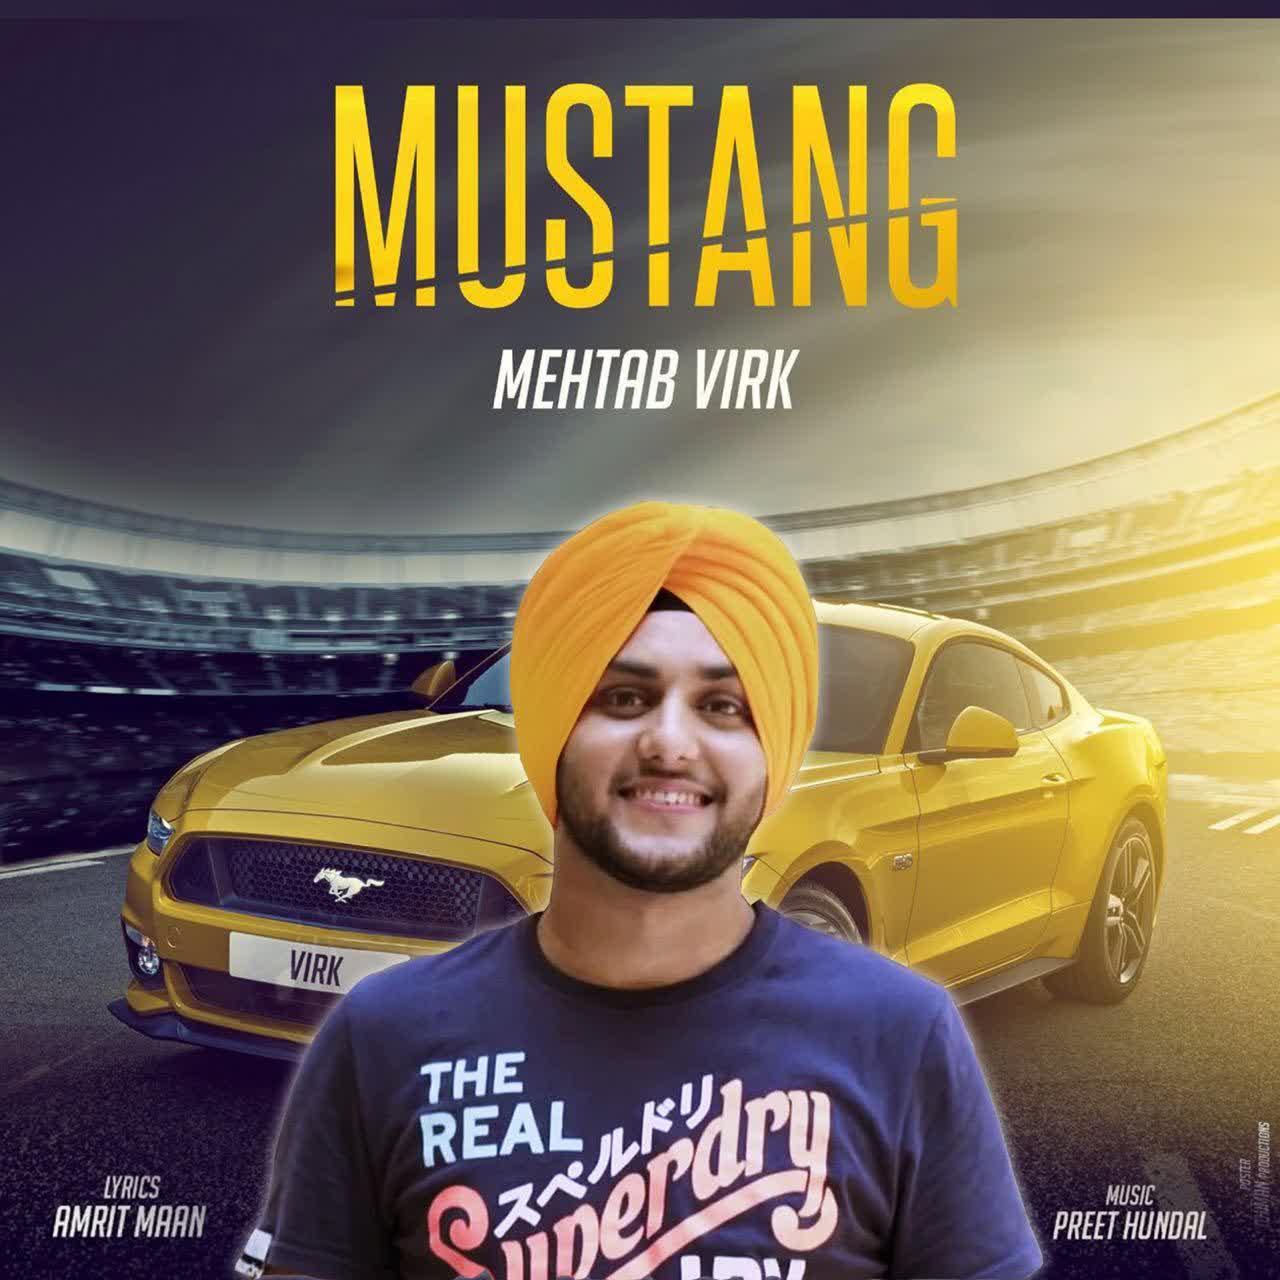 Mustang Mehtab Virk